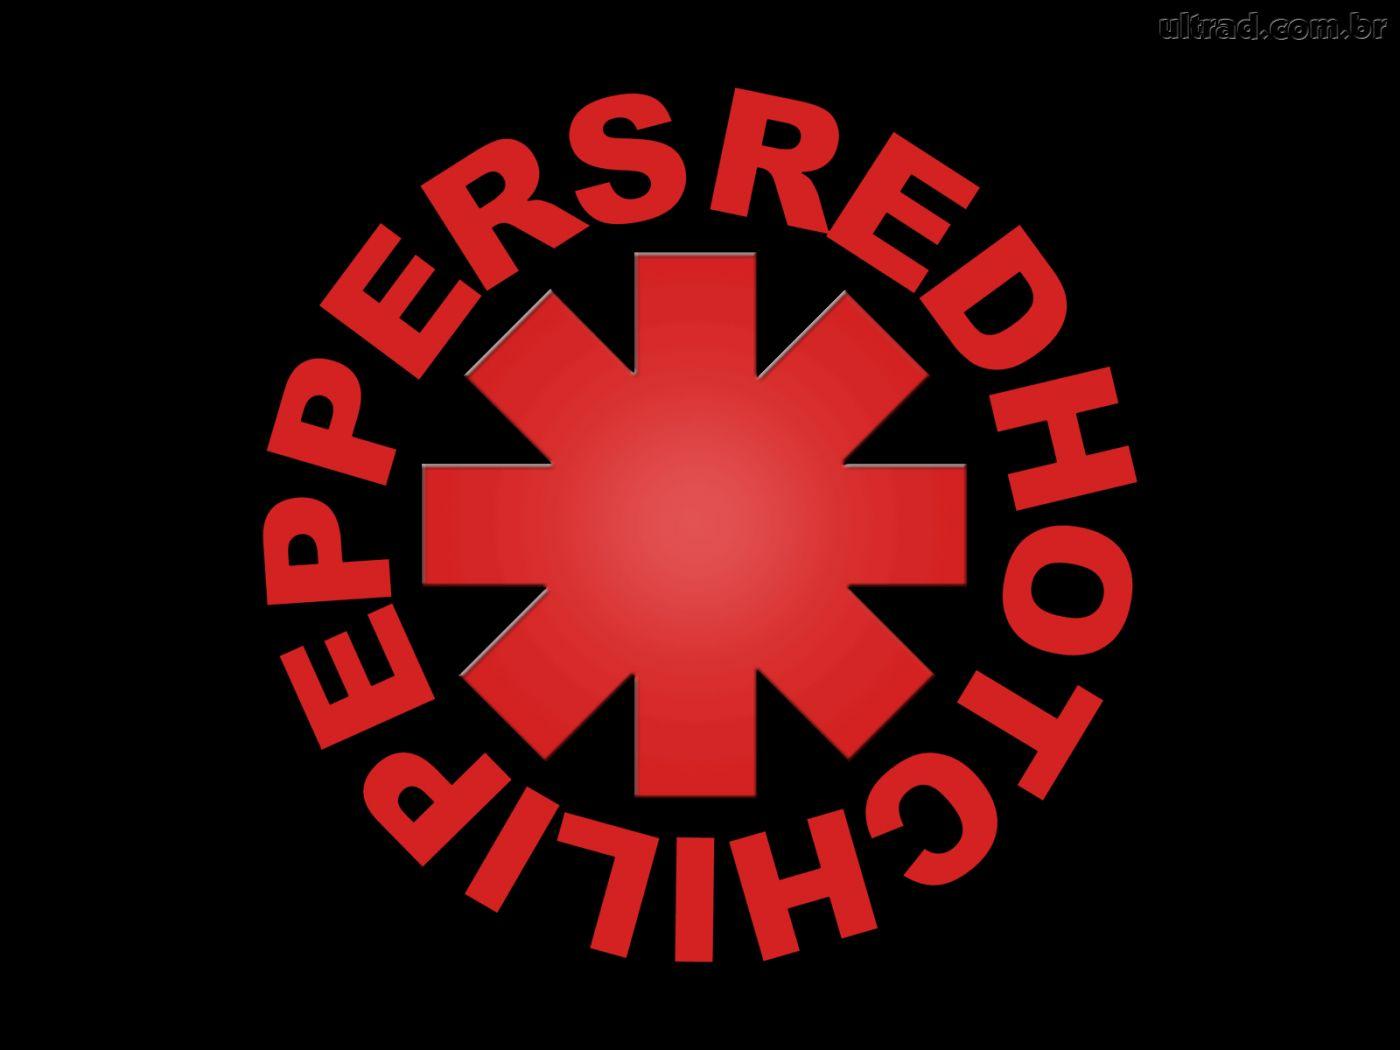 http://3.bp.blogspot.com/-nufJhI9mVNw/UK6YoVsSr2I/AAAAAAAAwRc/3A_jGVMtqHA/s1600/papel-de-parede-do-Red+-a-+Chili+-Peppers+(1).jpg